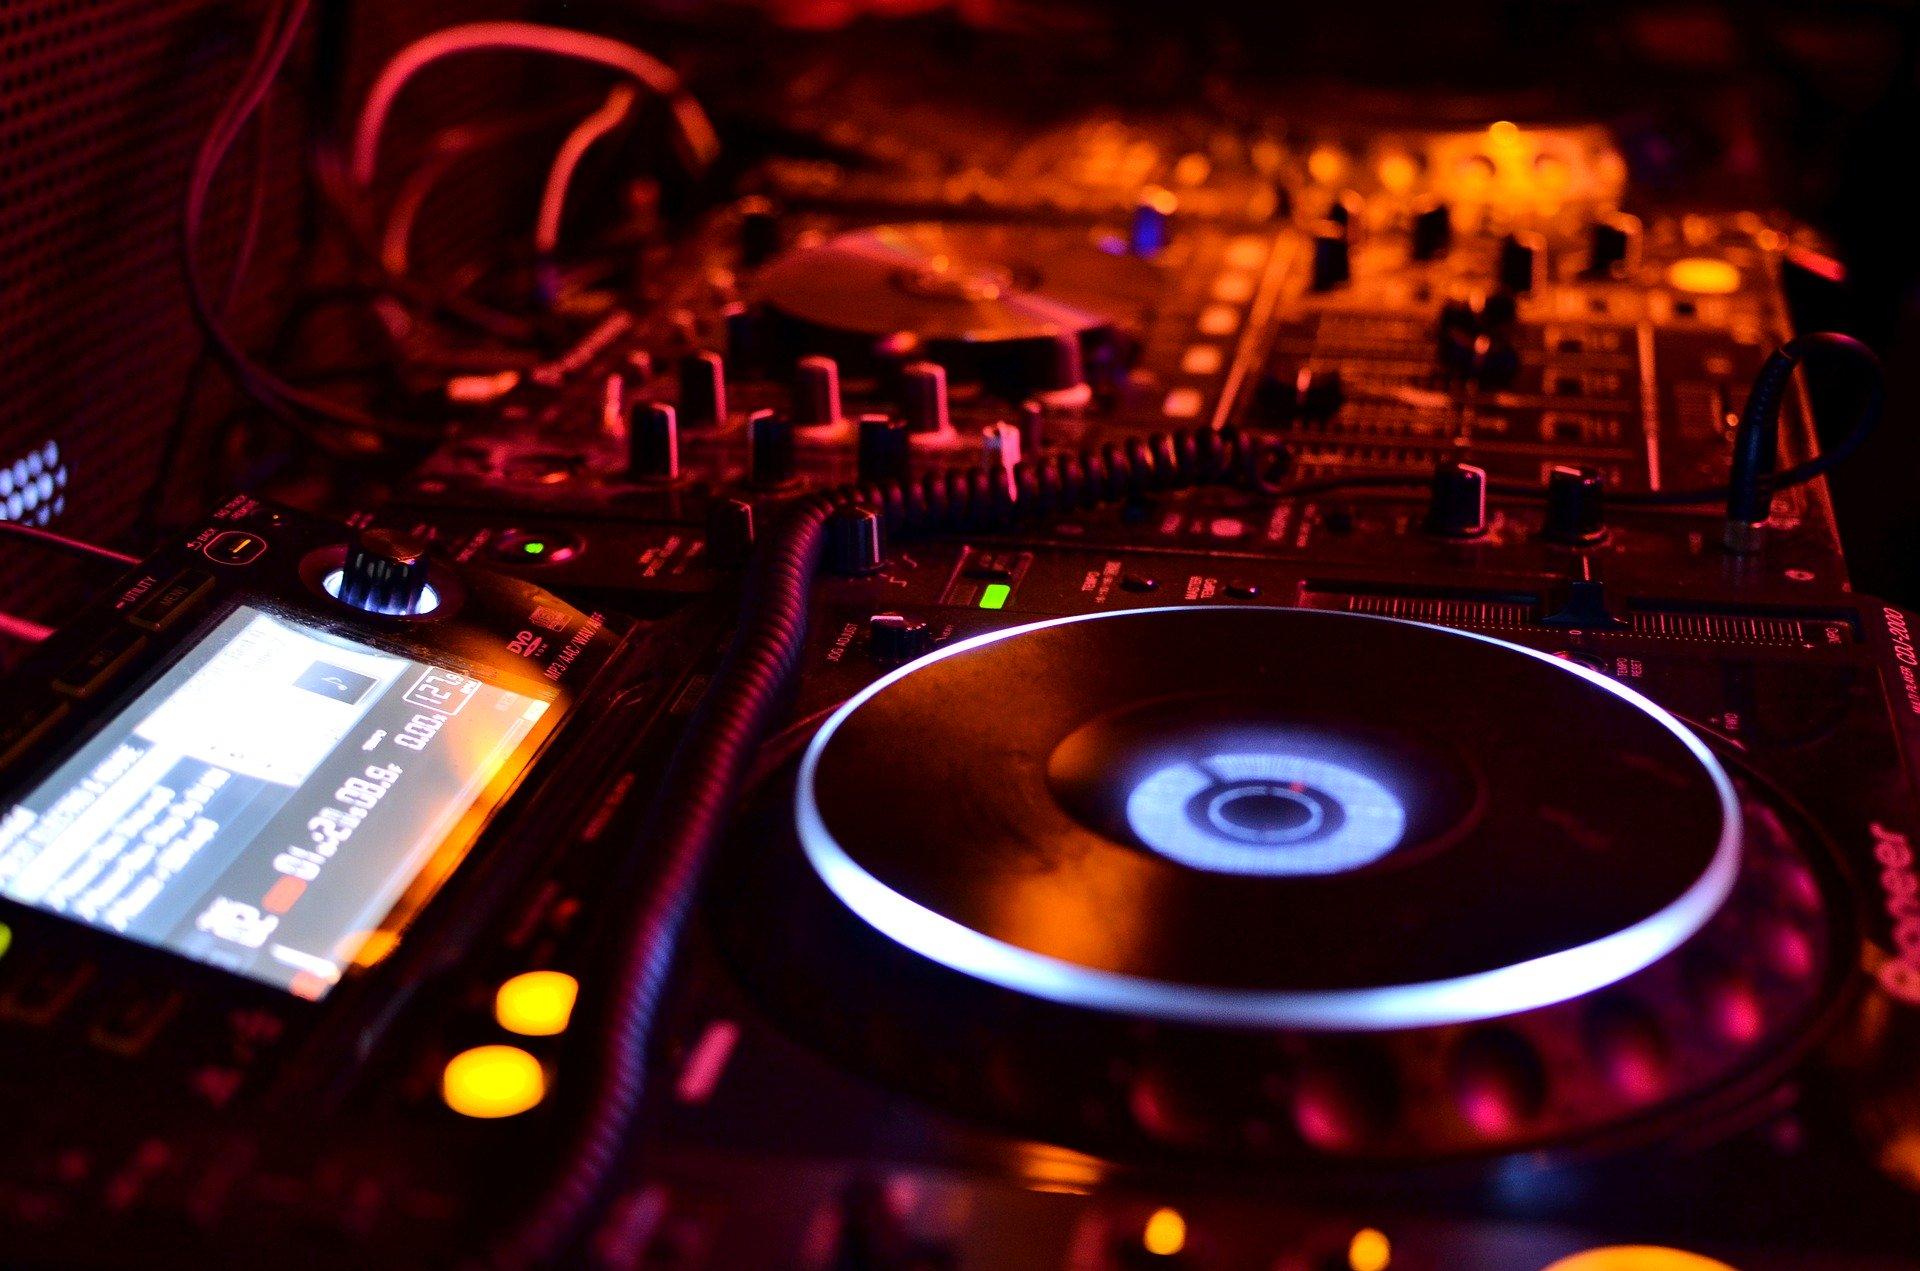 音樂串流平台與影音媒體在東南亞的下一個趨勢 – AI創作